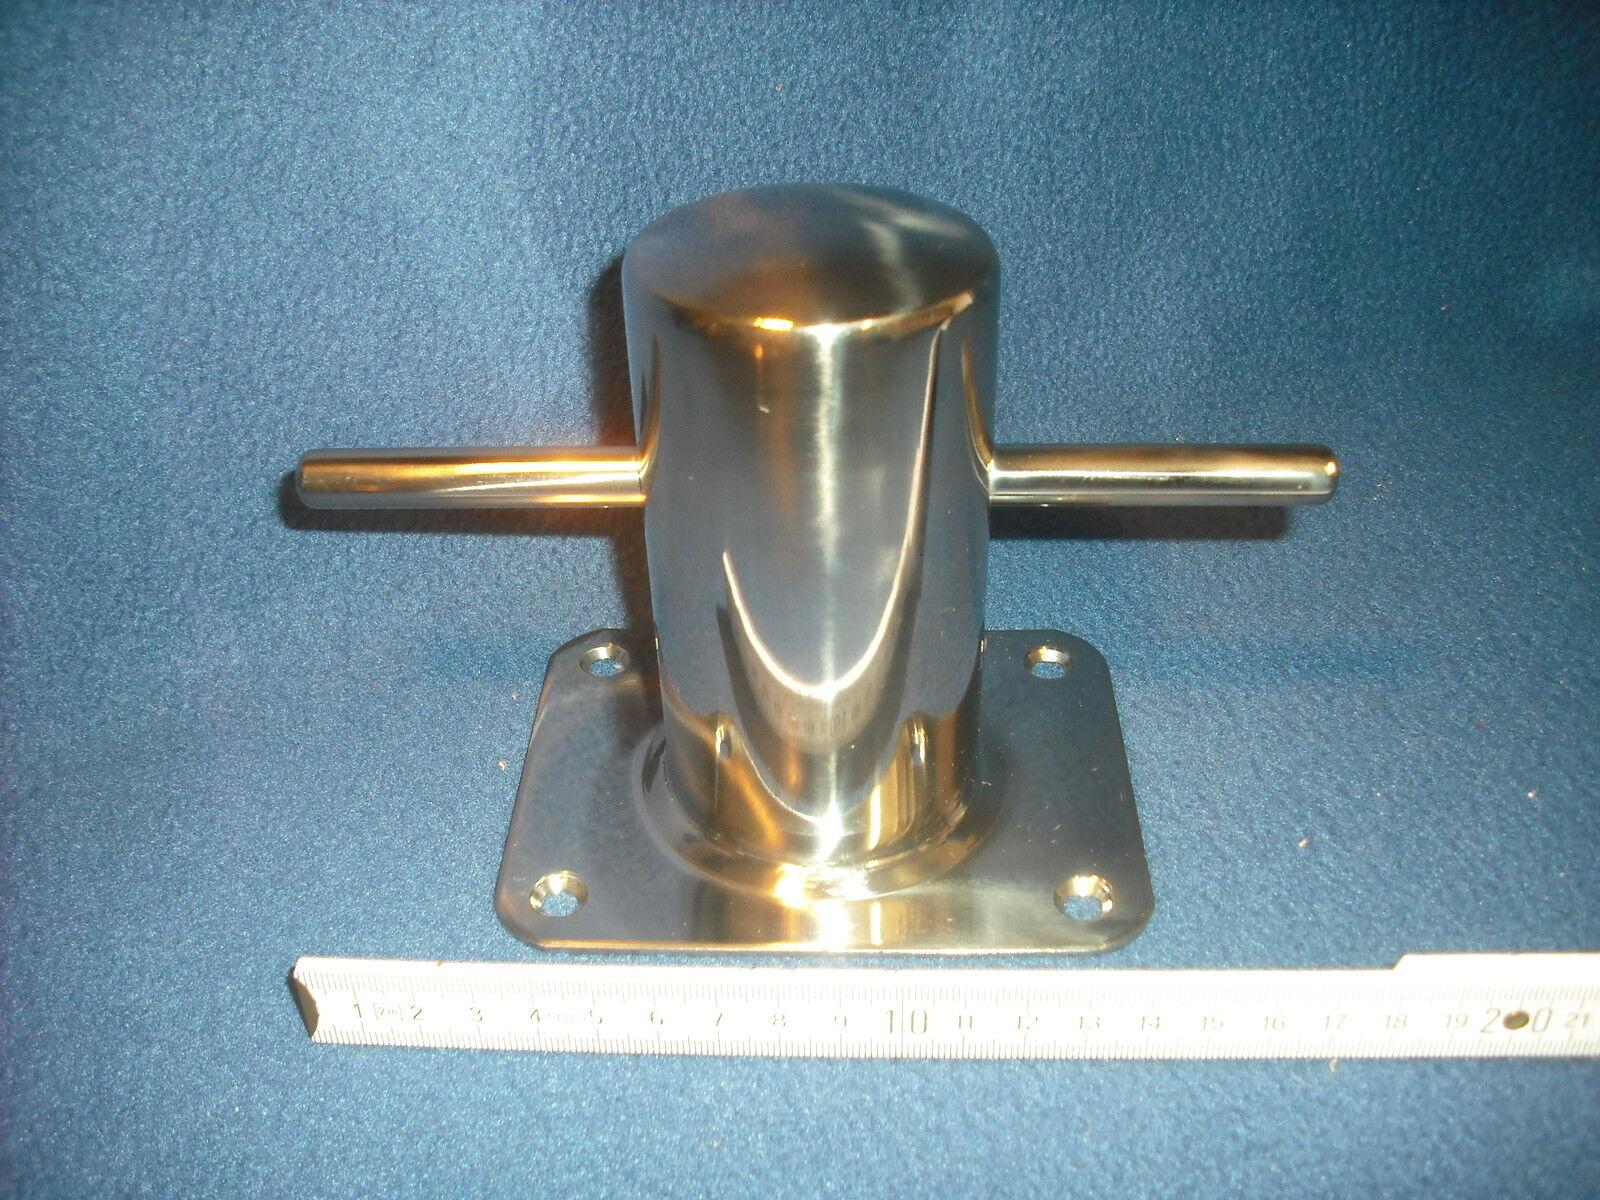 2 Stück Klampen Ercole hochglanzpoliertem Edelstahl AISI 316 Poller 40.179.60